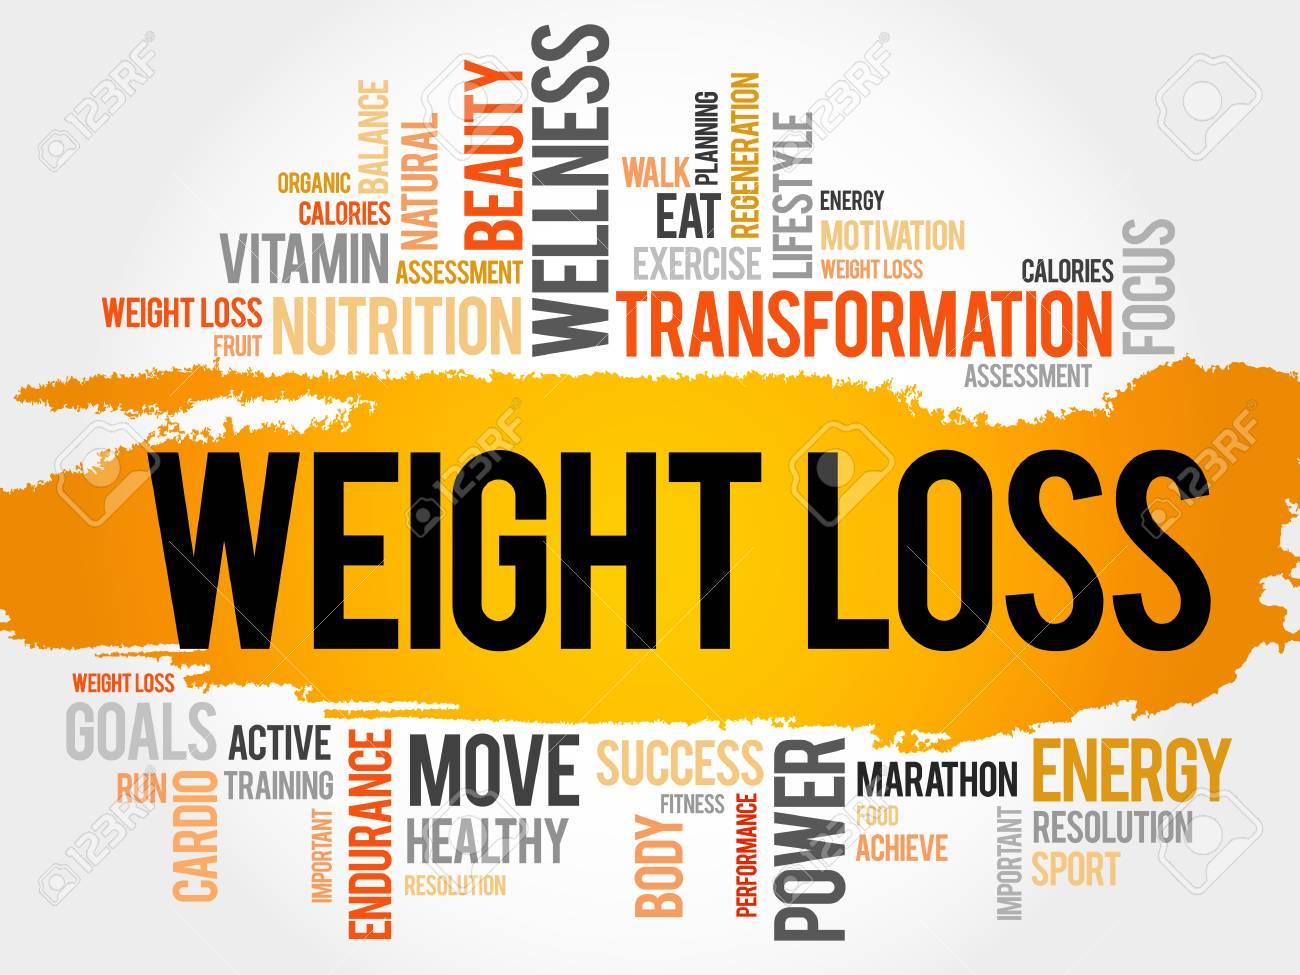 pierderea sau câștigul în greutate buspirone edmark agitați pierderea în greutate